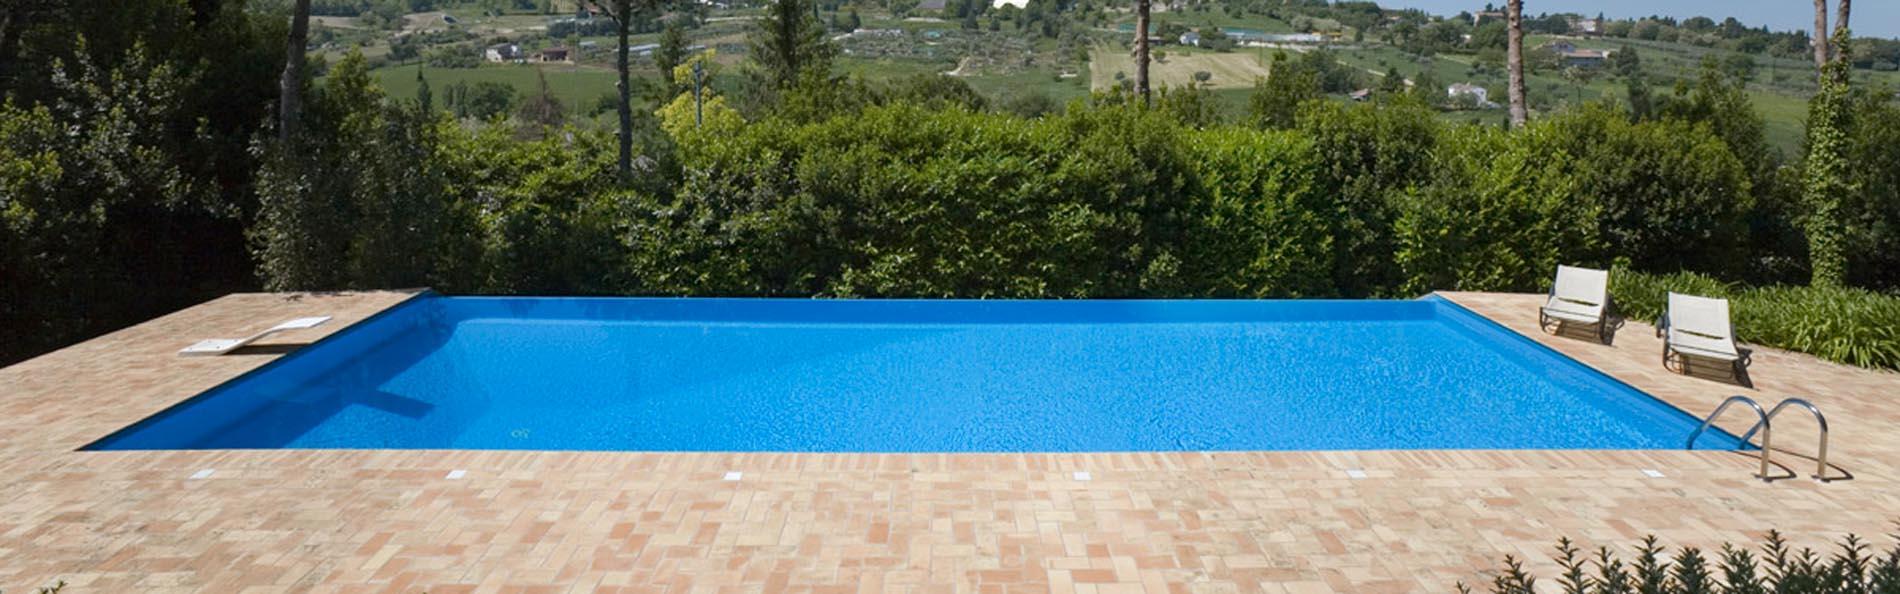 Piscine a sfioro professione piscina - Invisible edge pool ...